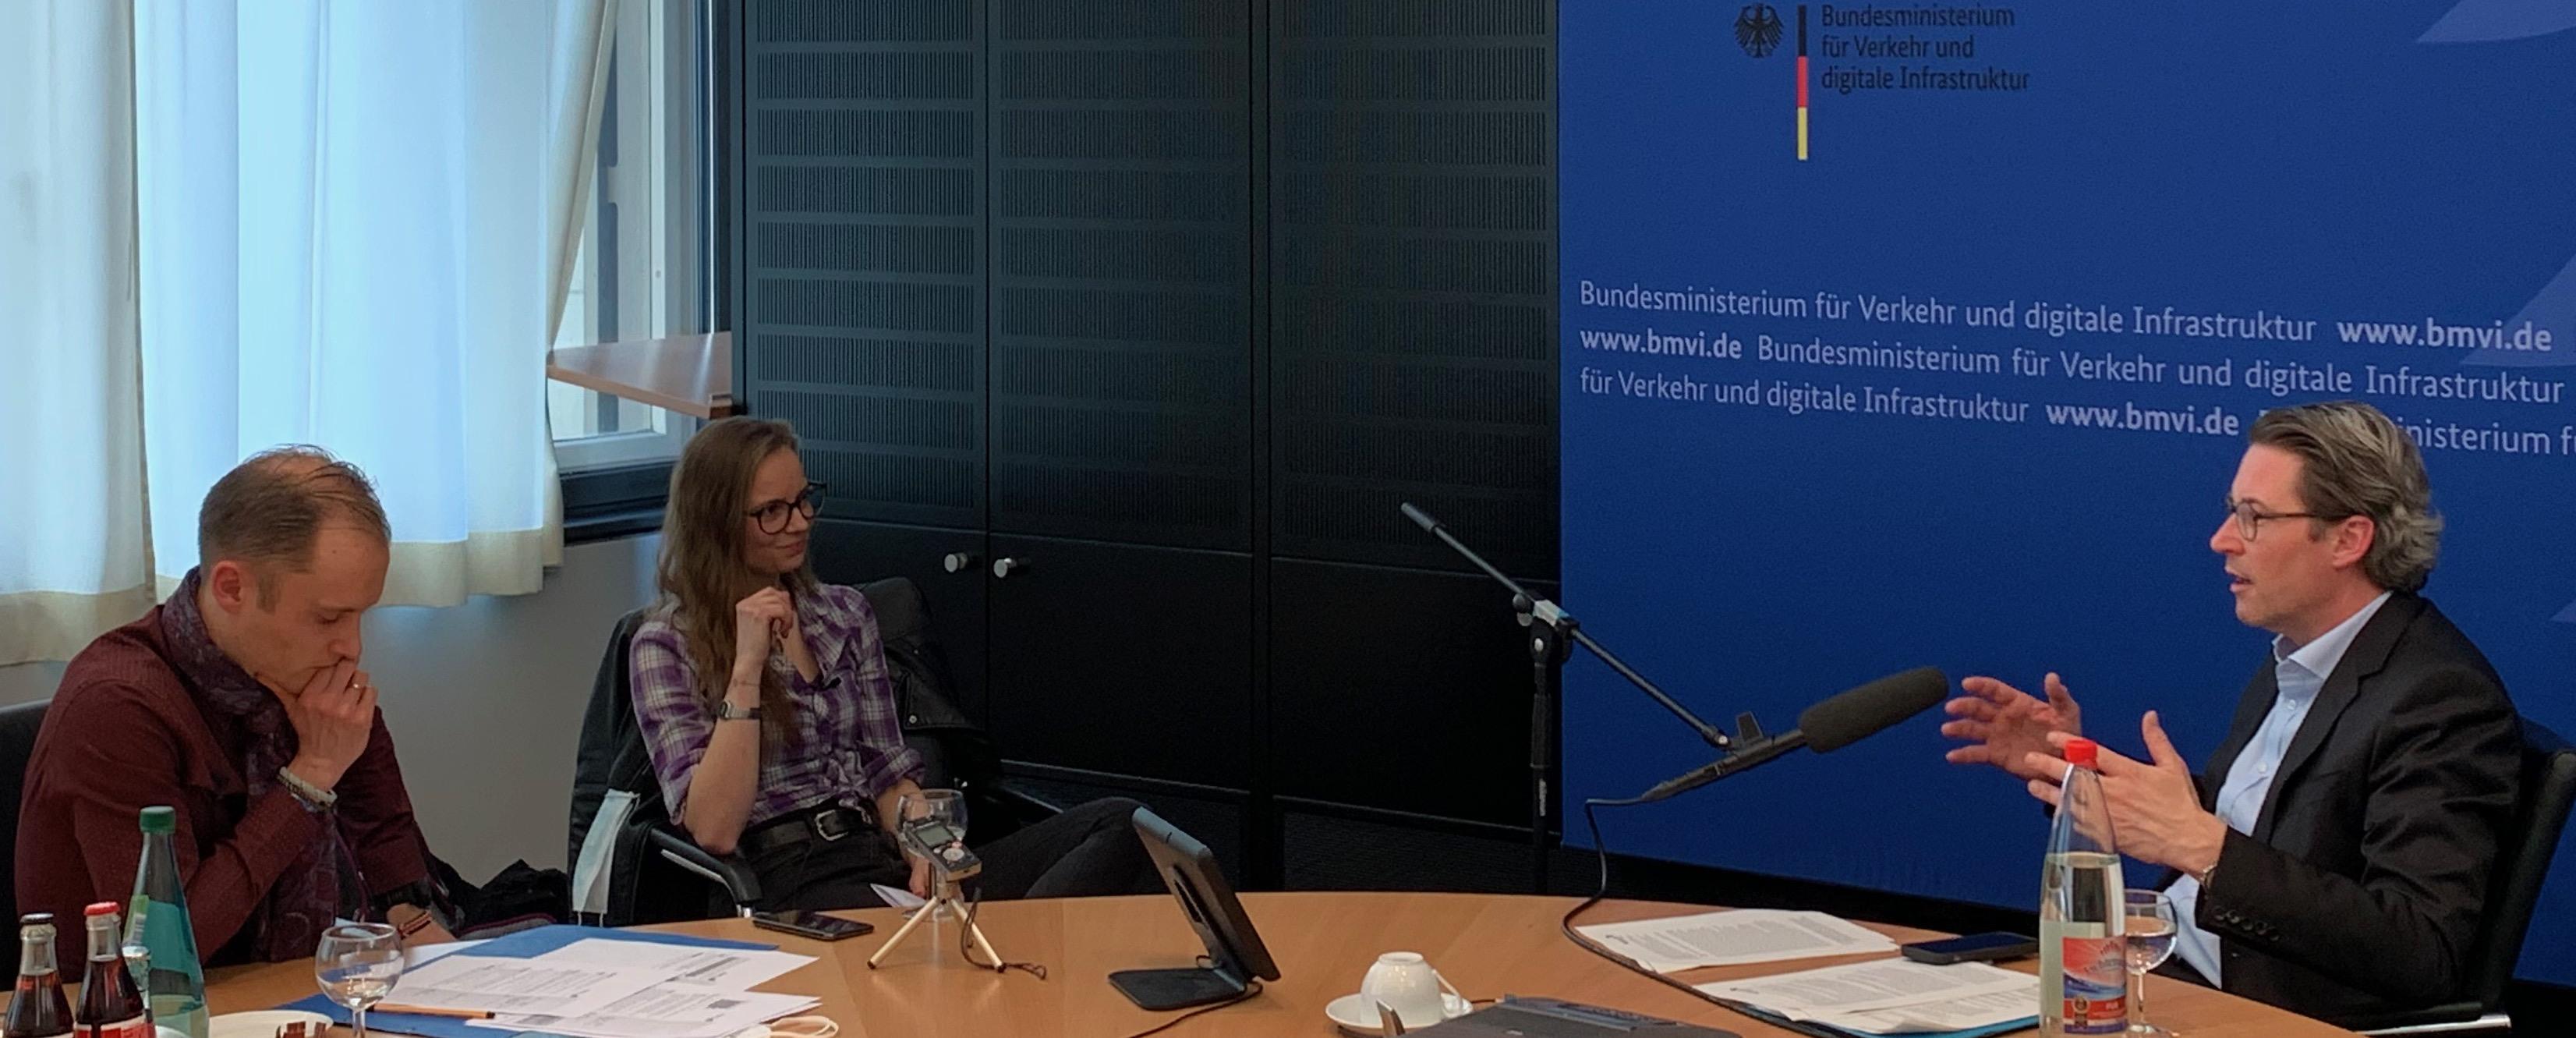 Das Bild entstand am 24. Februar 2021 bei der Aufnahme des Podcasts im BMVI mit Ludwig Reicherstorfer und Lena Rickenberg im Gespräch mit Bundesverkehrsminister Andreas Scheuer. Foto: BMVI Neuigkeitenzimmer